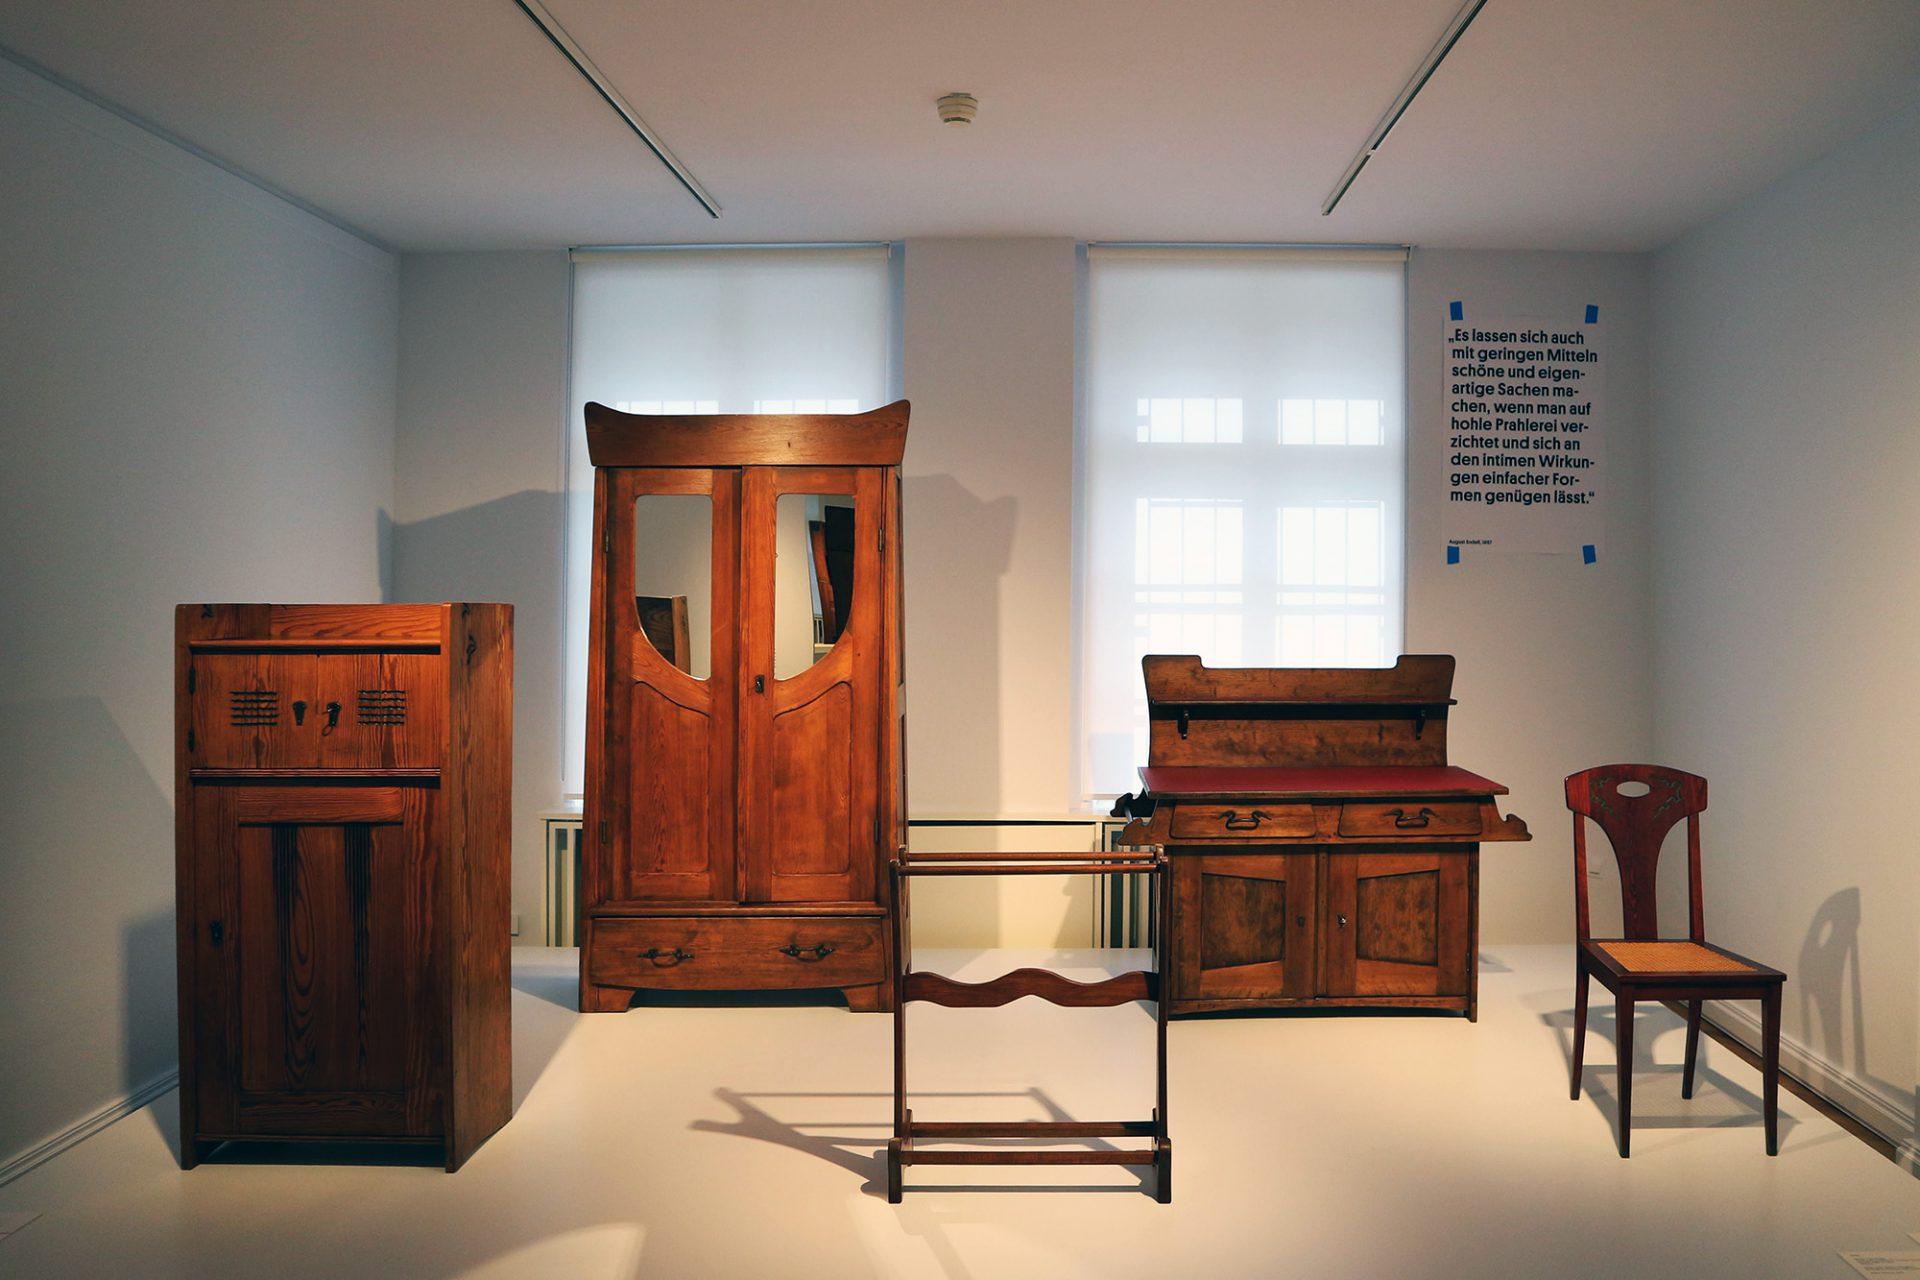 August Endell. Für das Nordsee-Sanatorium in Wyk auf Föhr entwarf er nicht nur das Gebäude, sondern auch die Ausstattung, von der einzelne Stücke in der Ausstellung zu sehen sind.